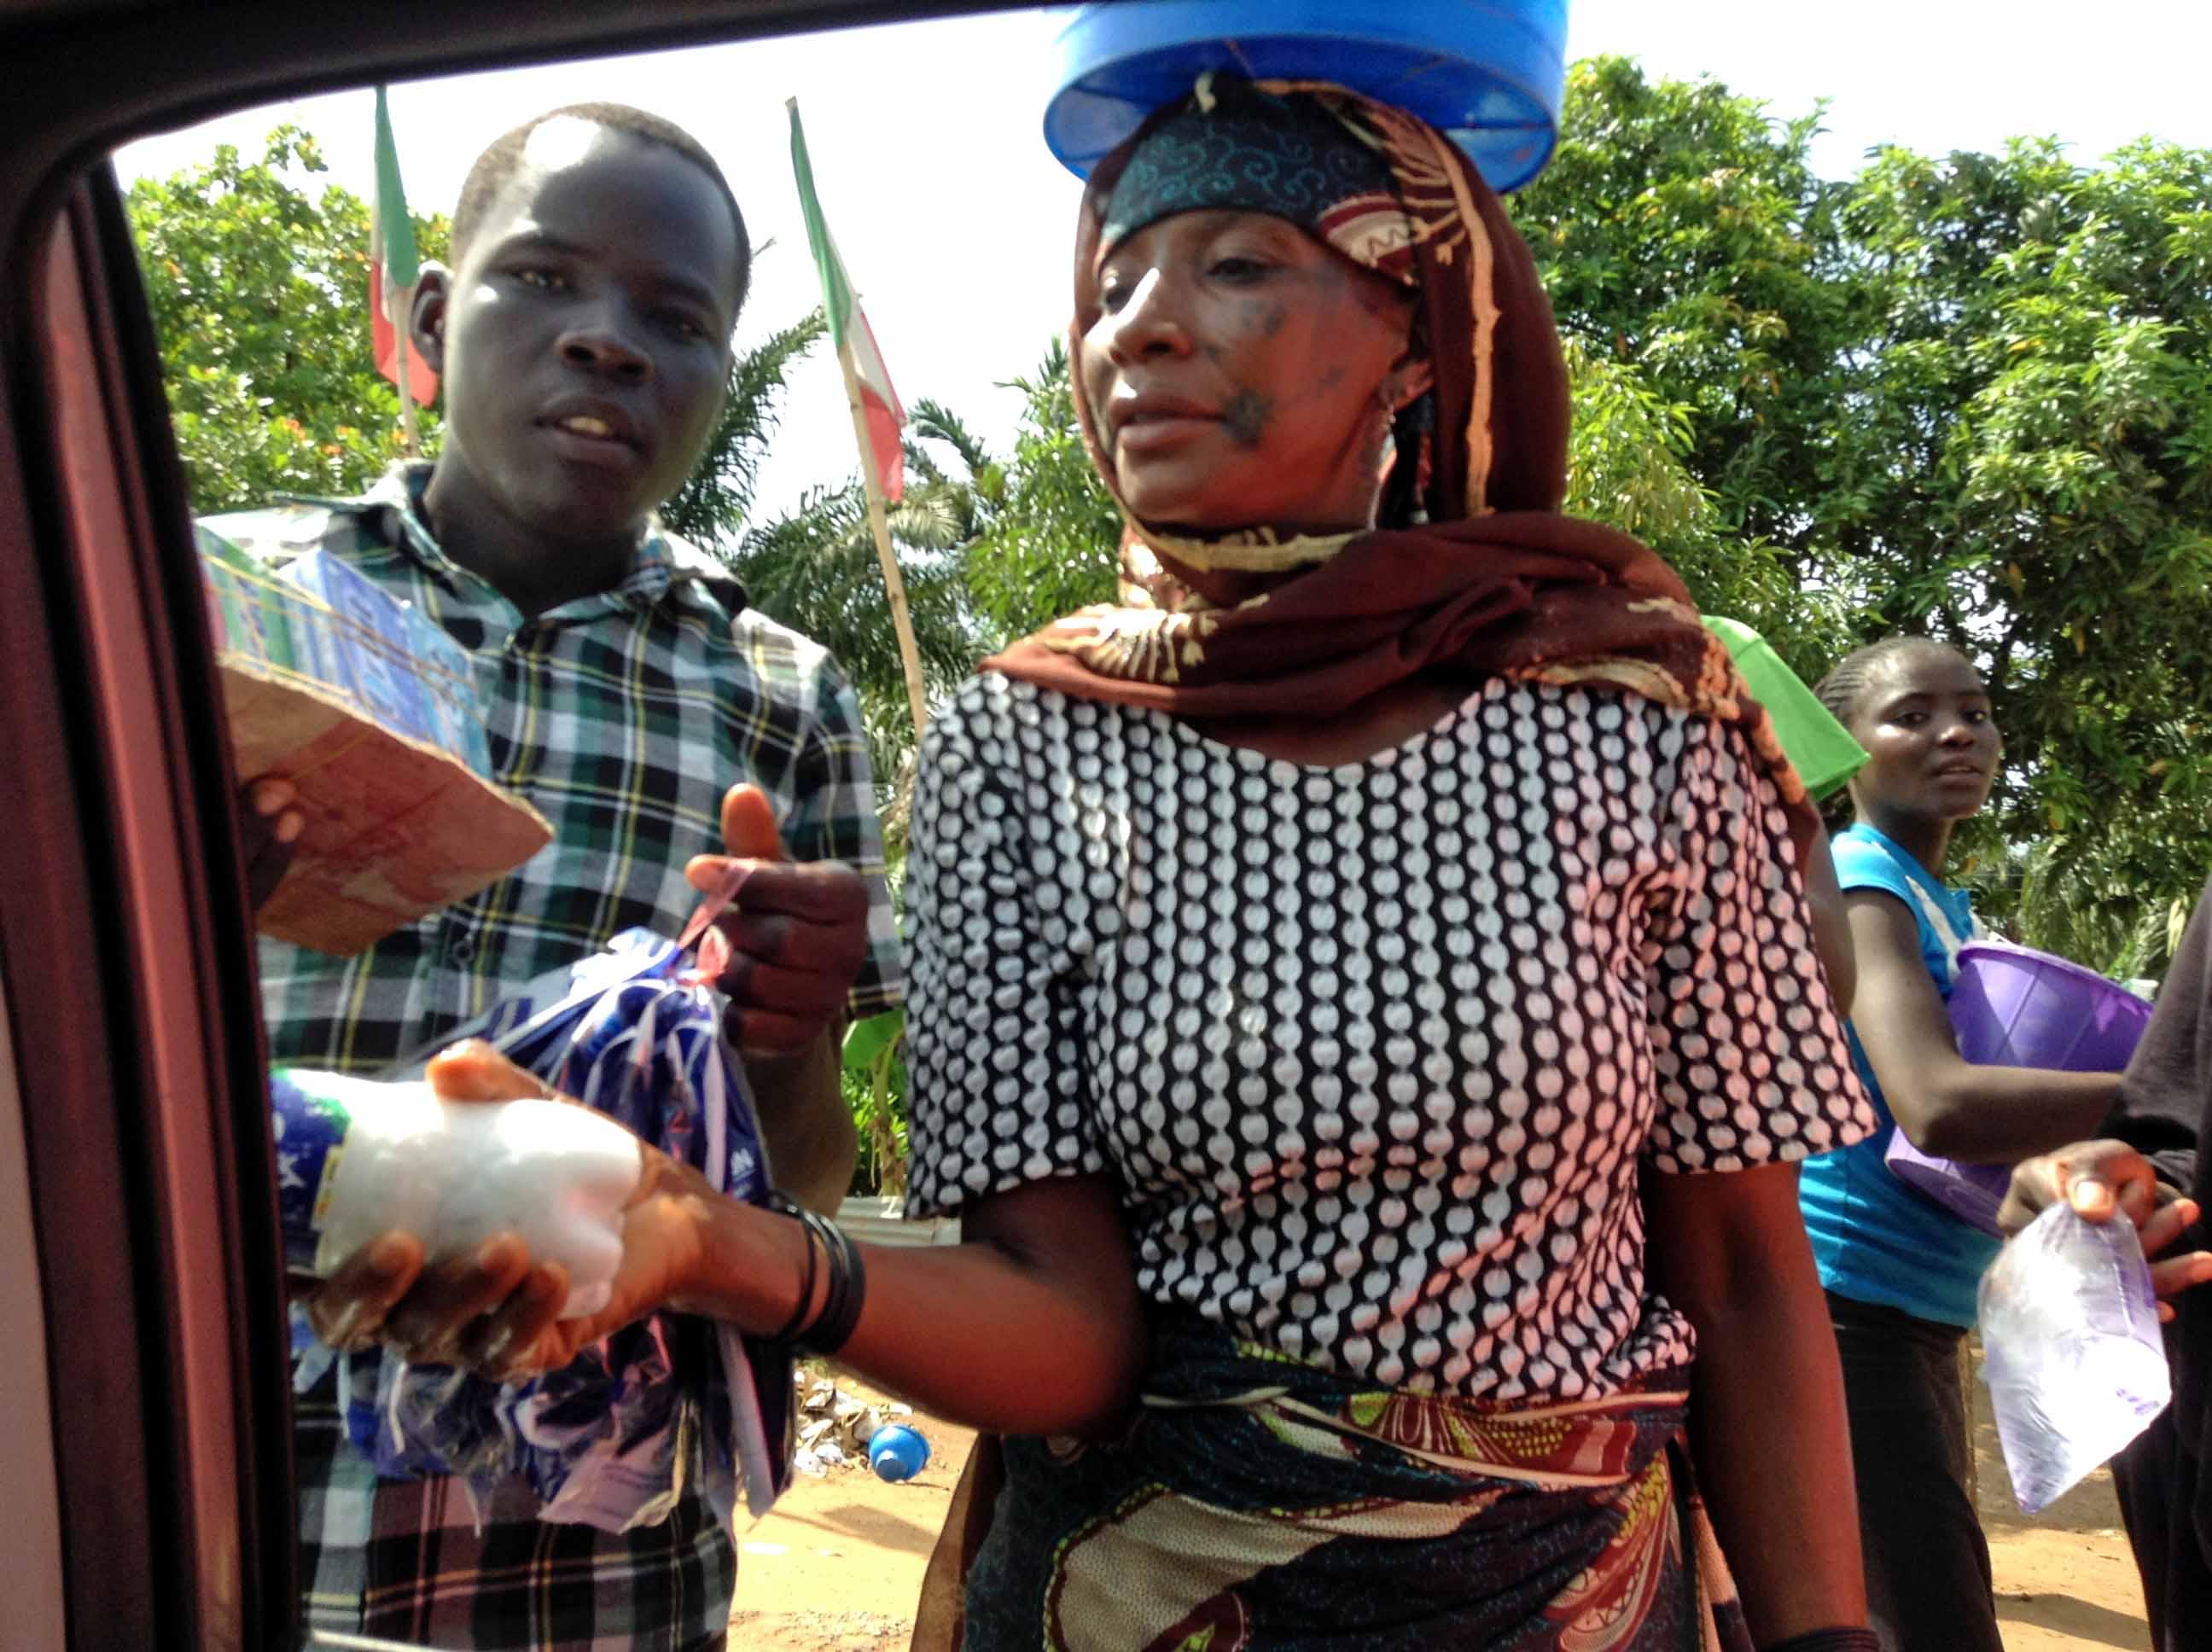 Street Hawking Akwanga Nasararwa State Nigeria